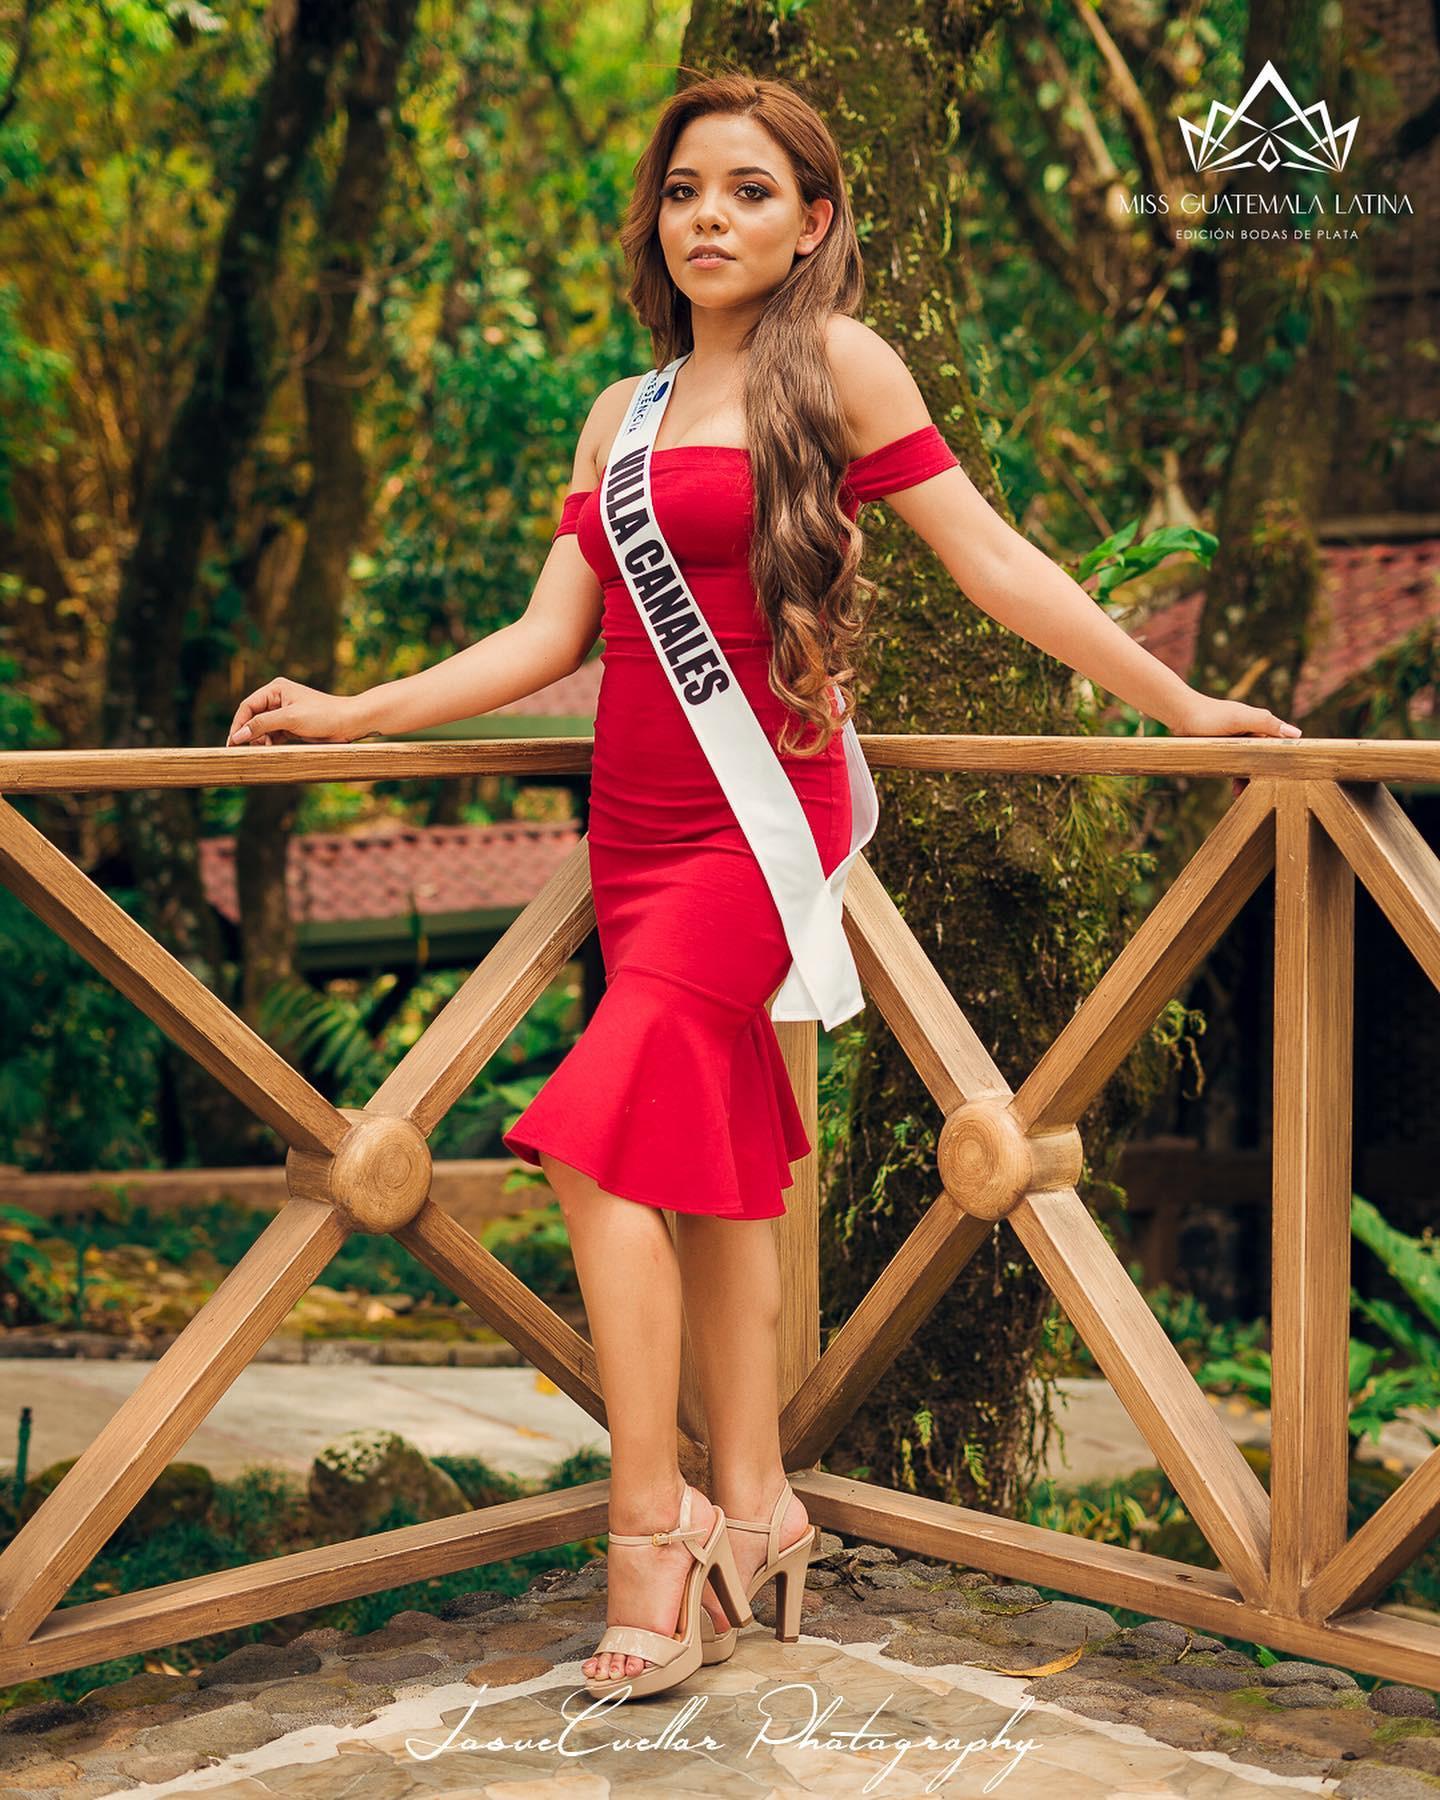 candidatas a miss guatemala latina 2021. final: 30 de abril. - Página 11 BFNhvt